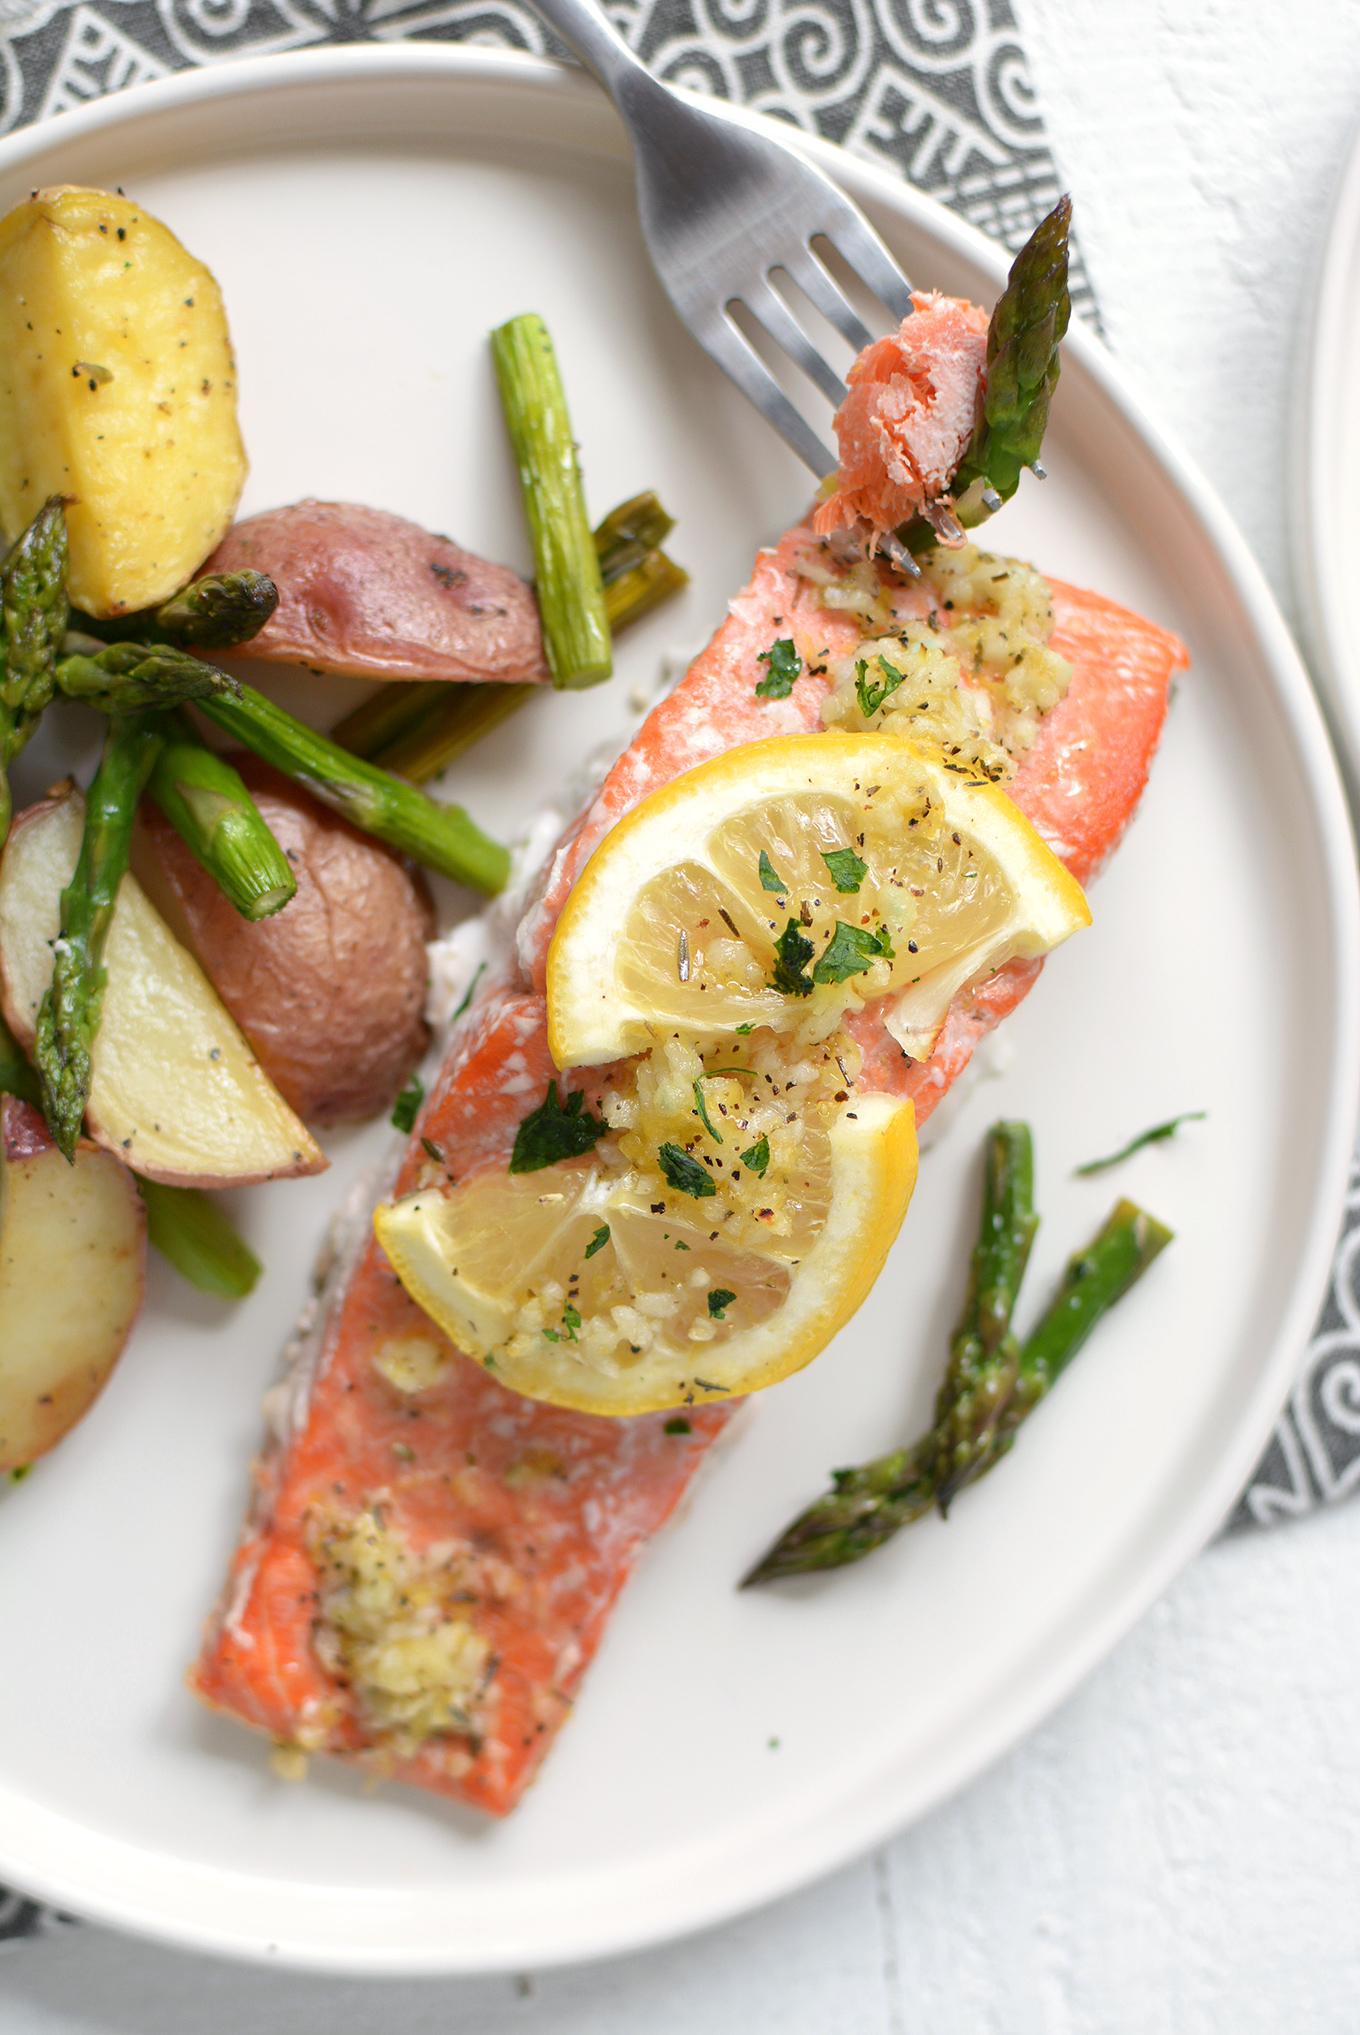 Sheet Pan Lemon Pepper Salmon and Vegetables